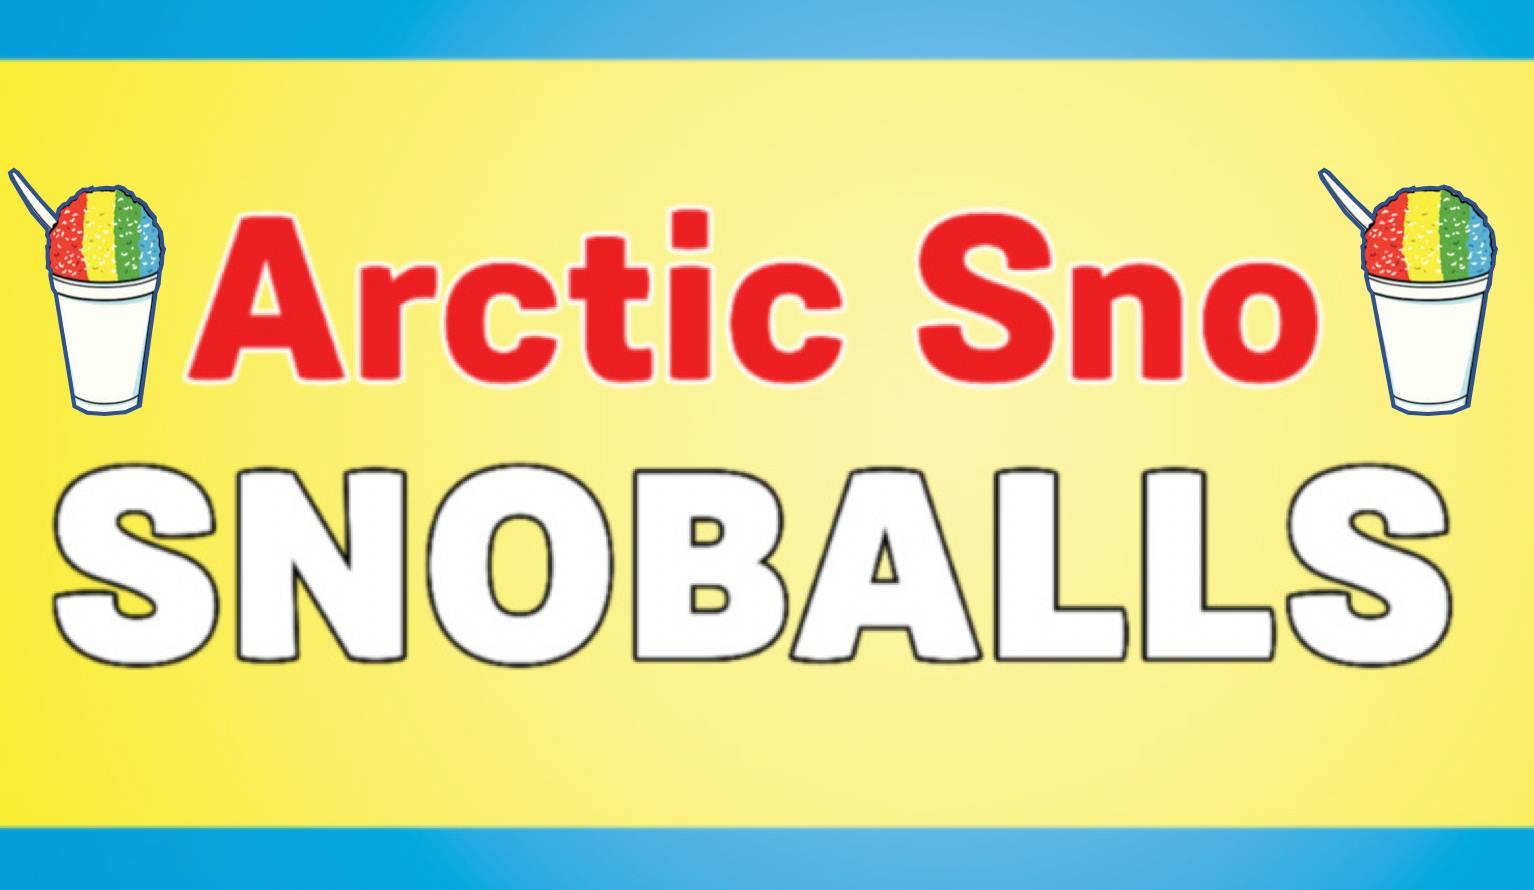 Arctic SnoBalls